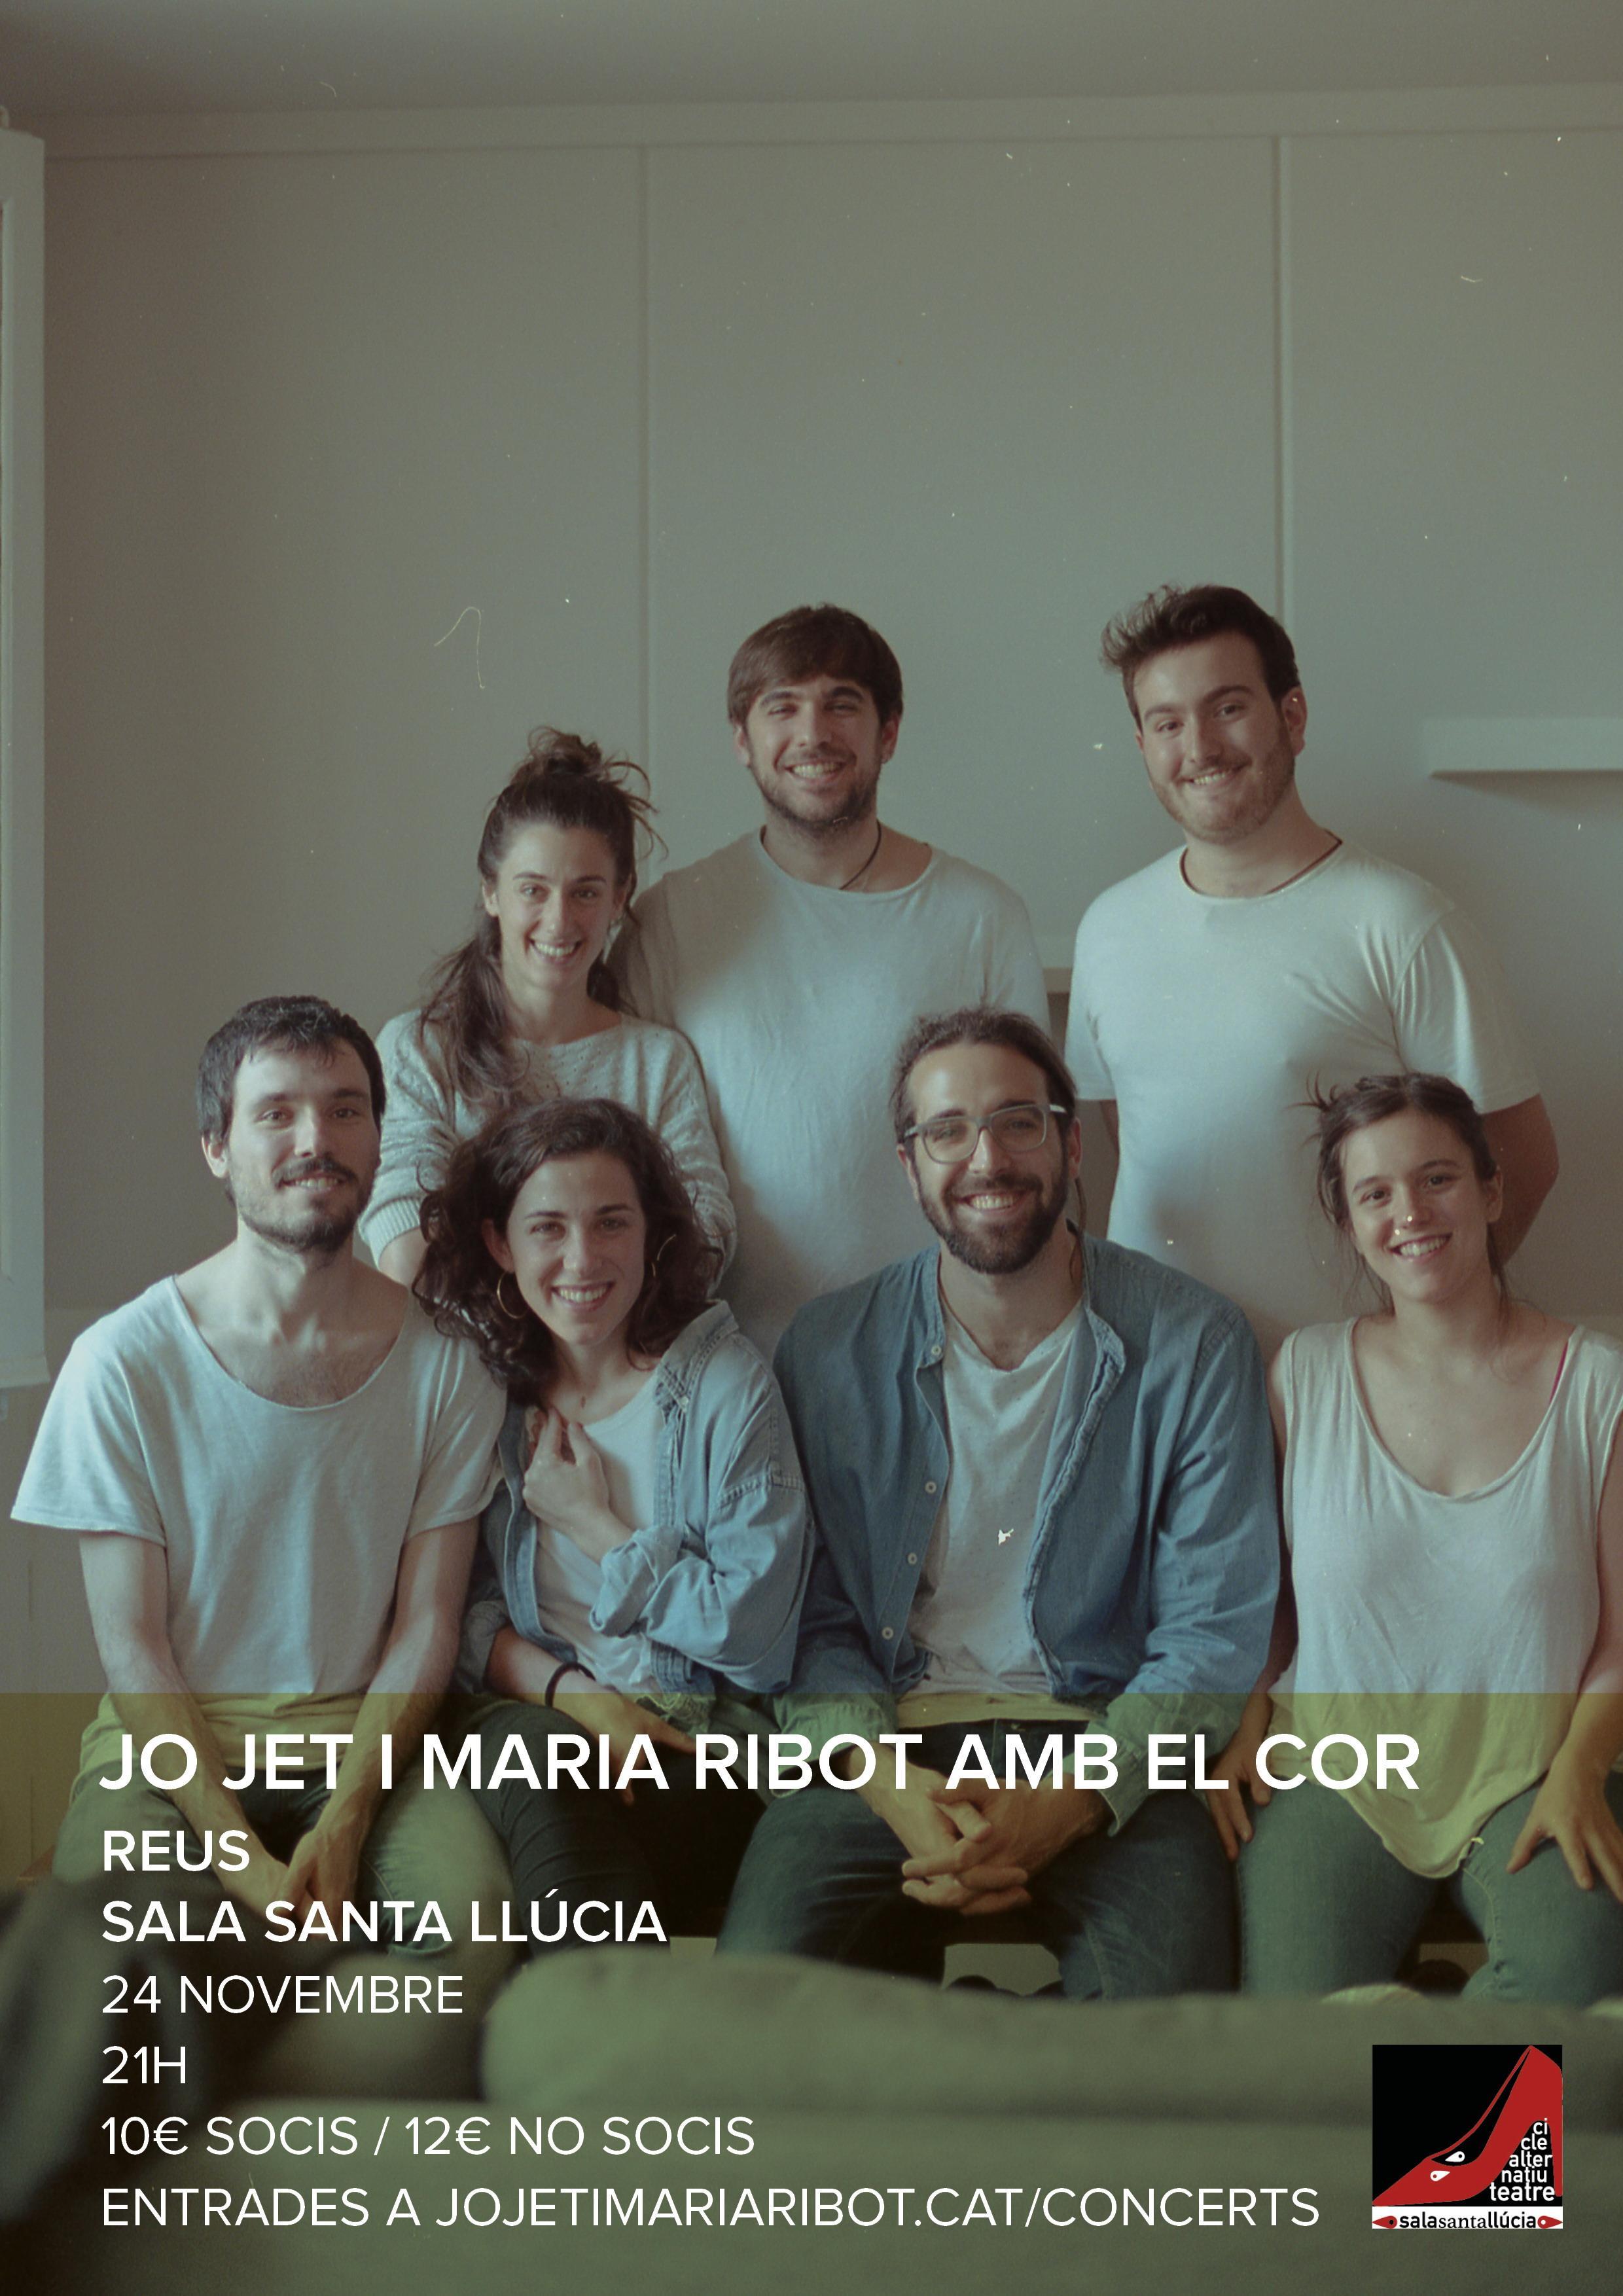 ACCENTS 2018 - Presentació del seu nou disc Jo Jet i Maria Ribot amb el corE